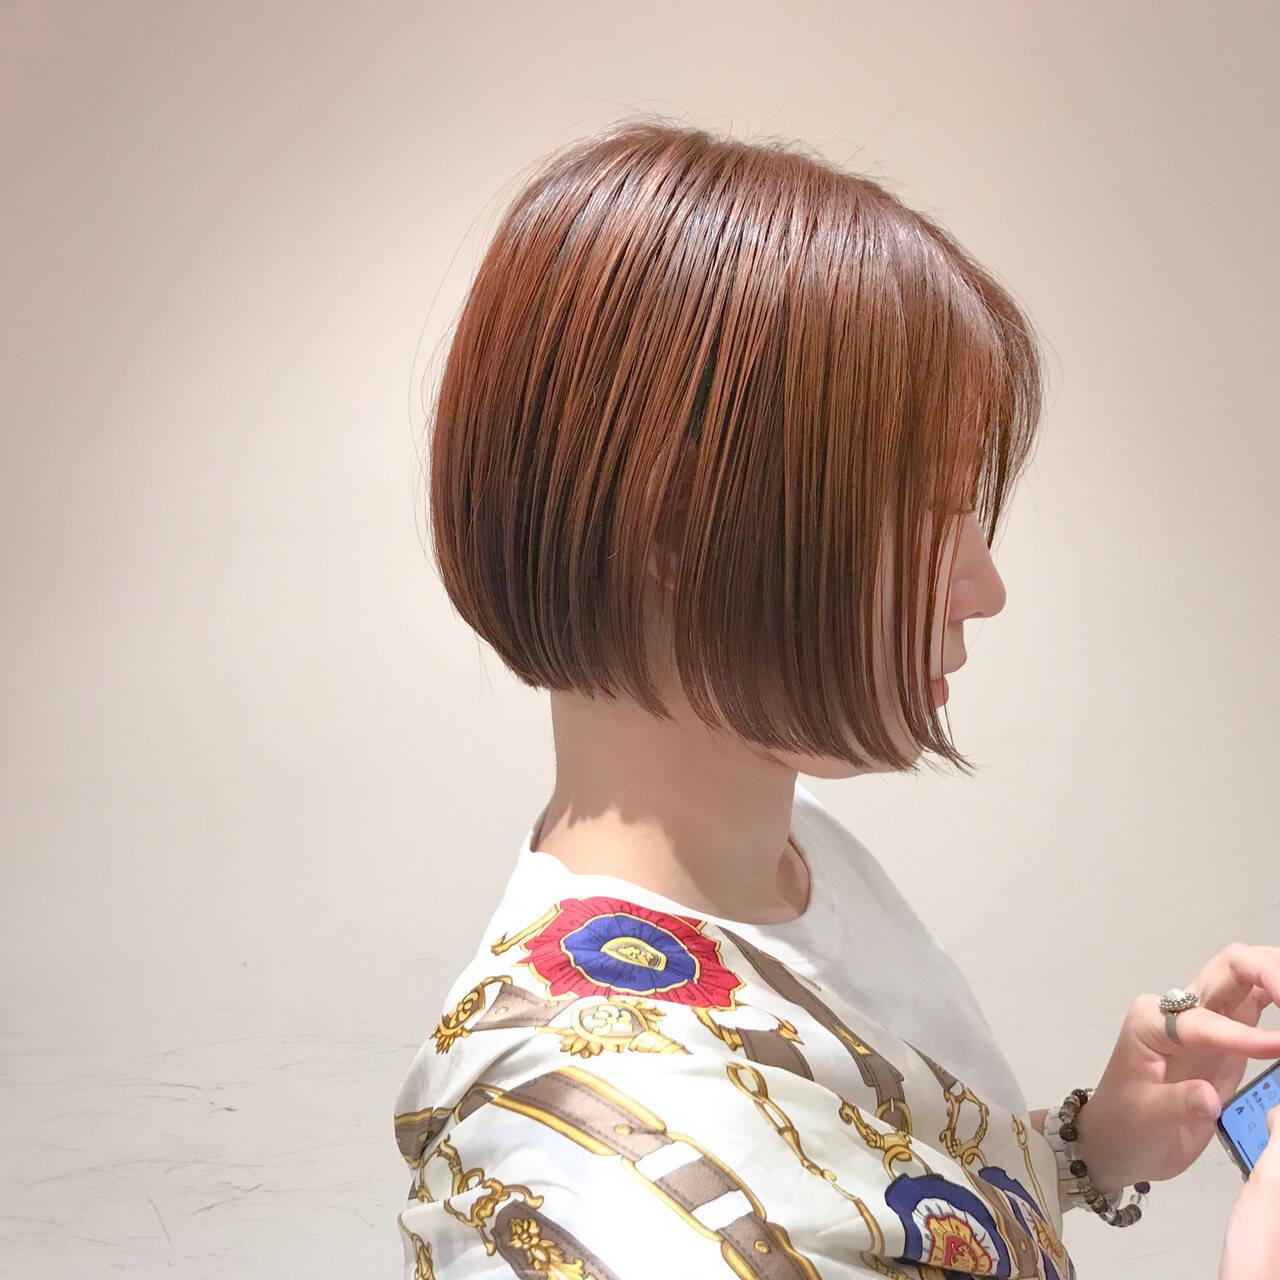 ナチュラル 透明感カラー オレンジカラー ボブヘアスタイルや髪型の写真・画像